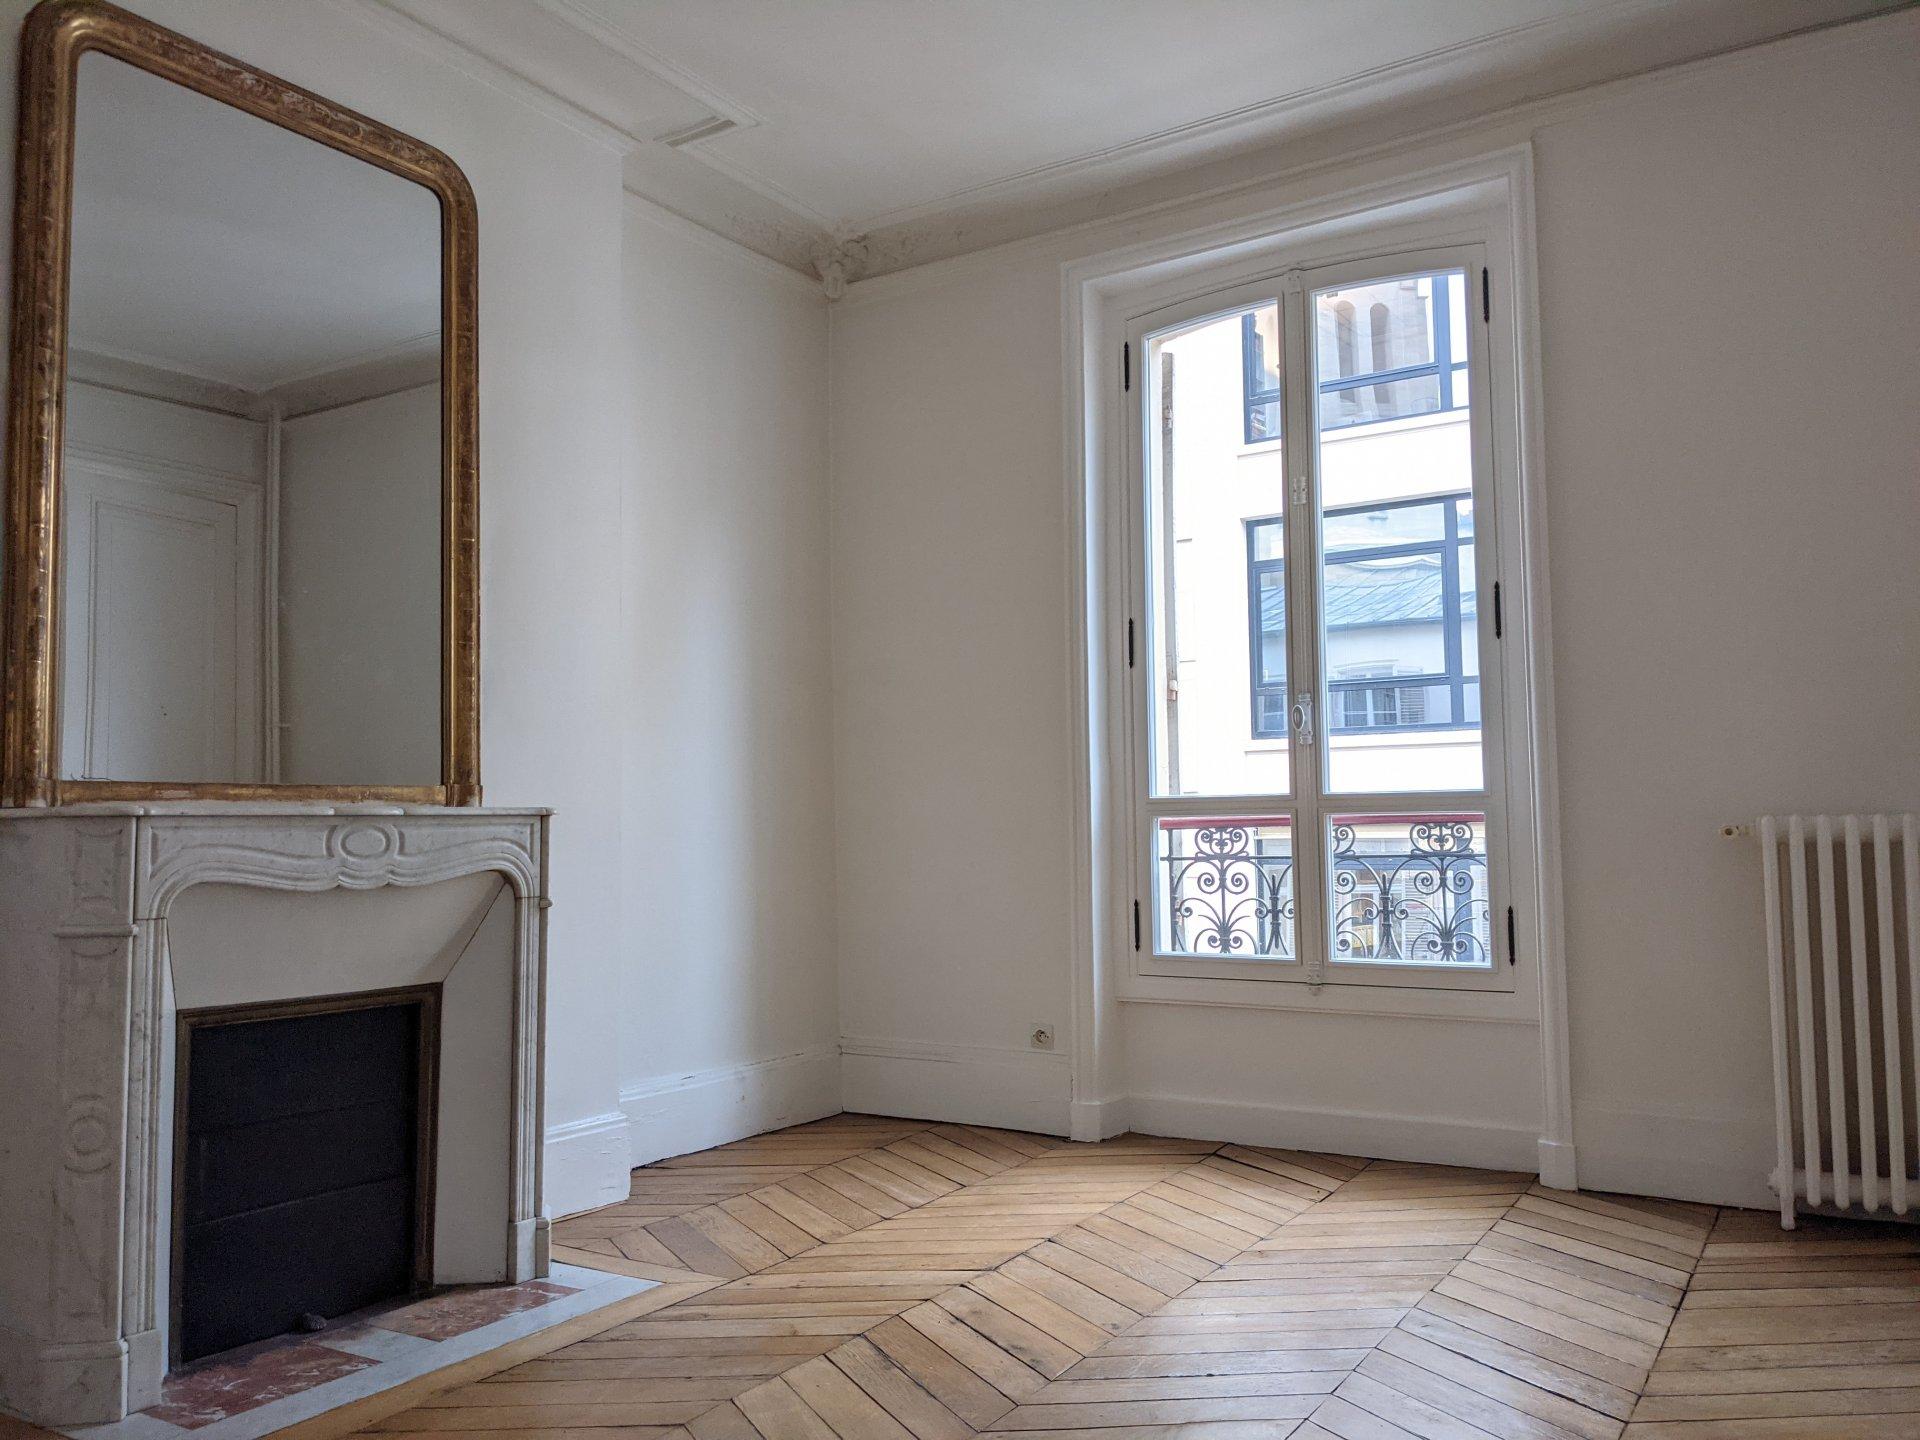 Appartement 3 pièces 67.71 m² 75116